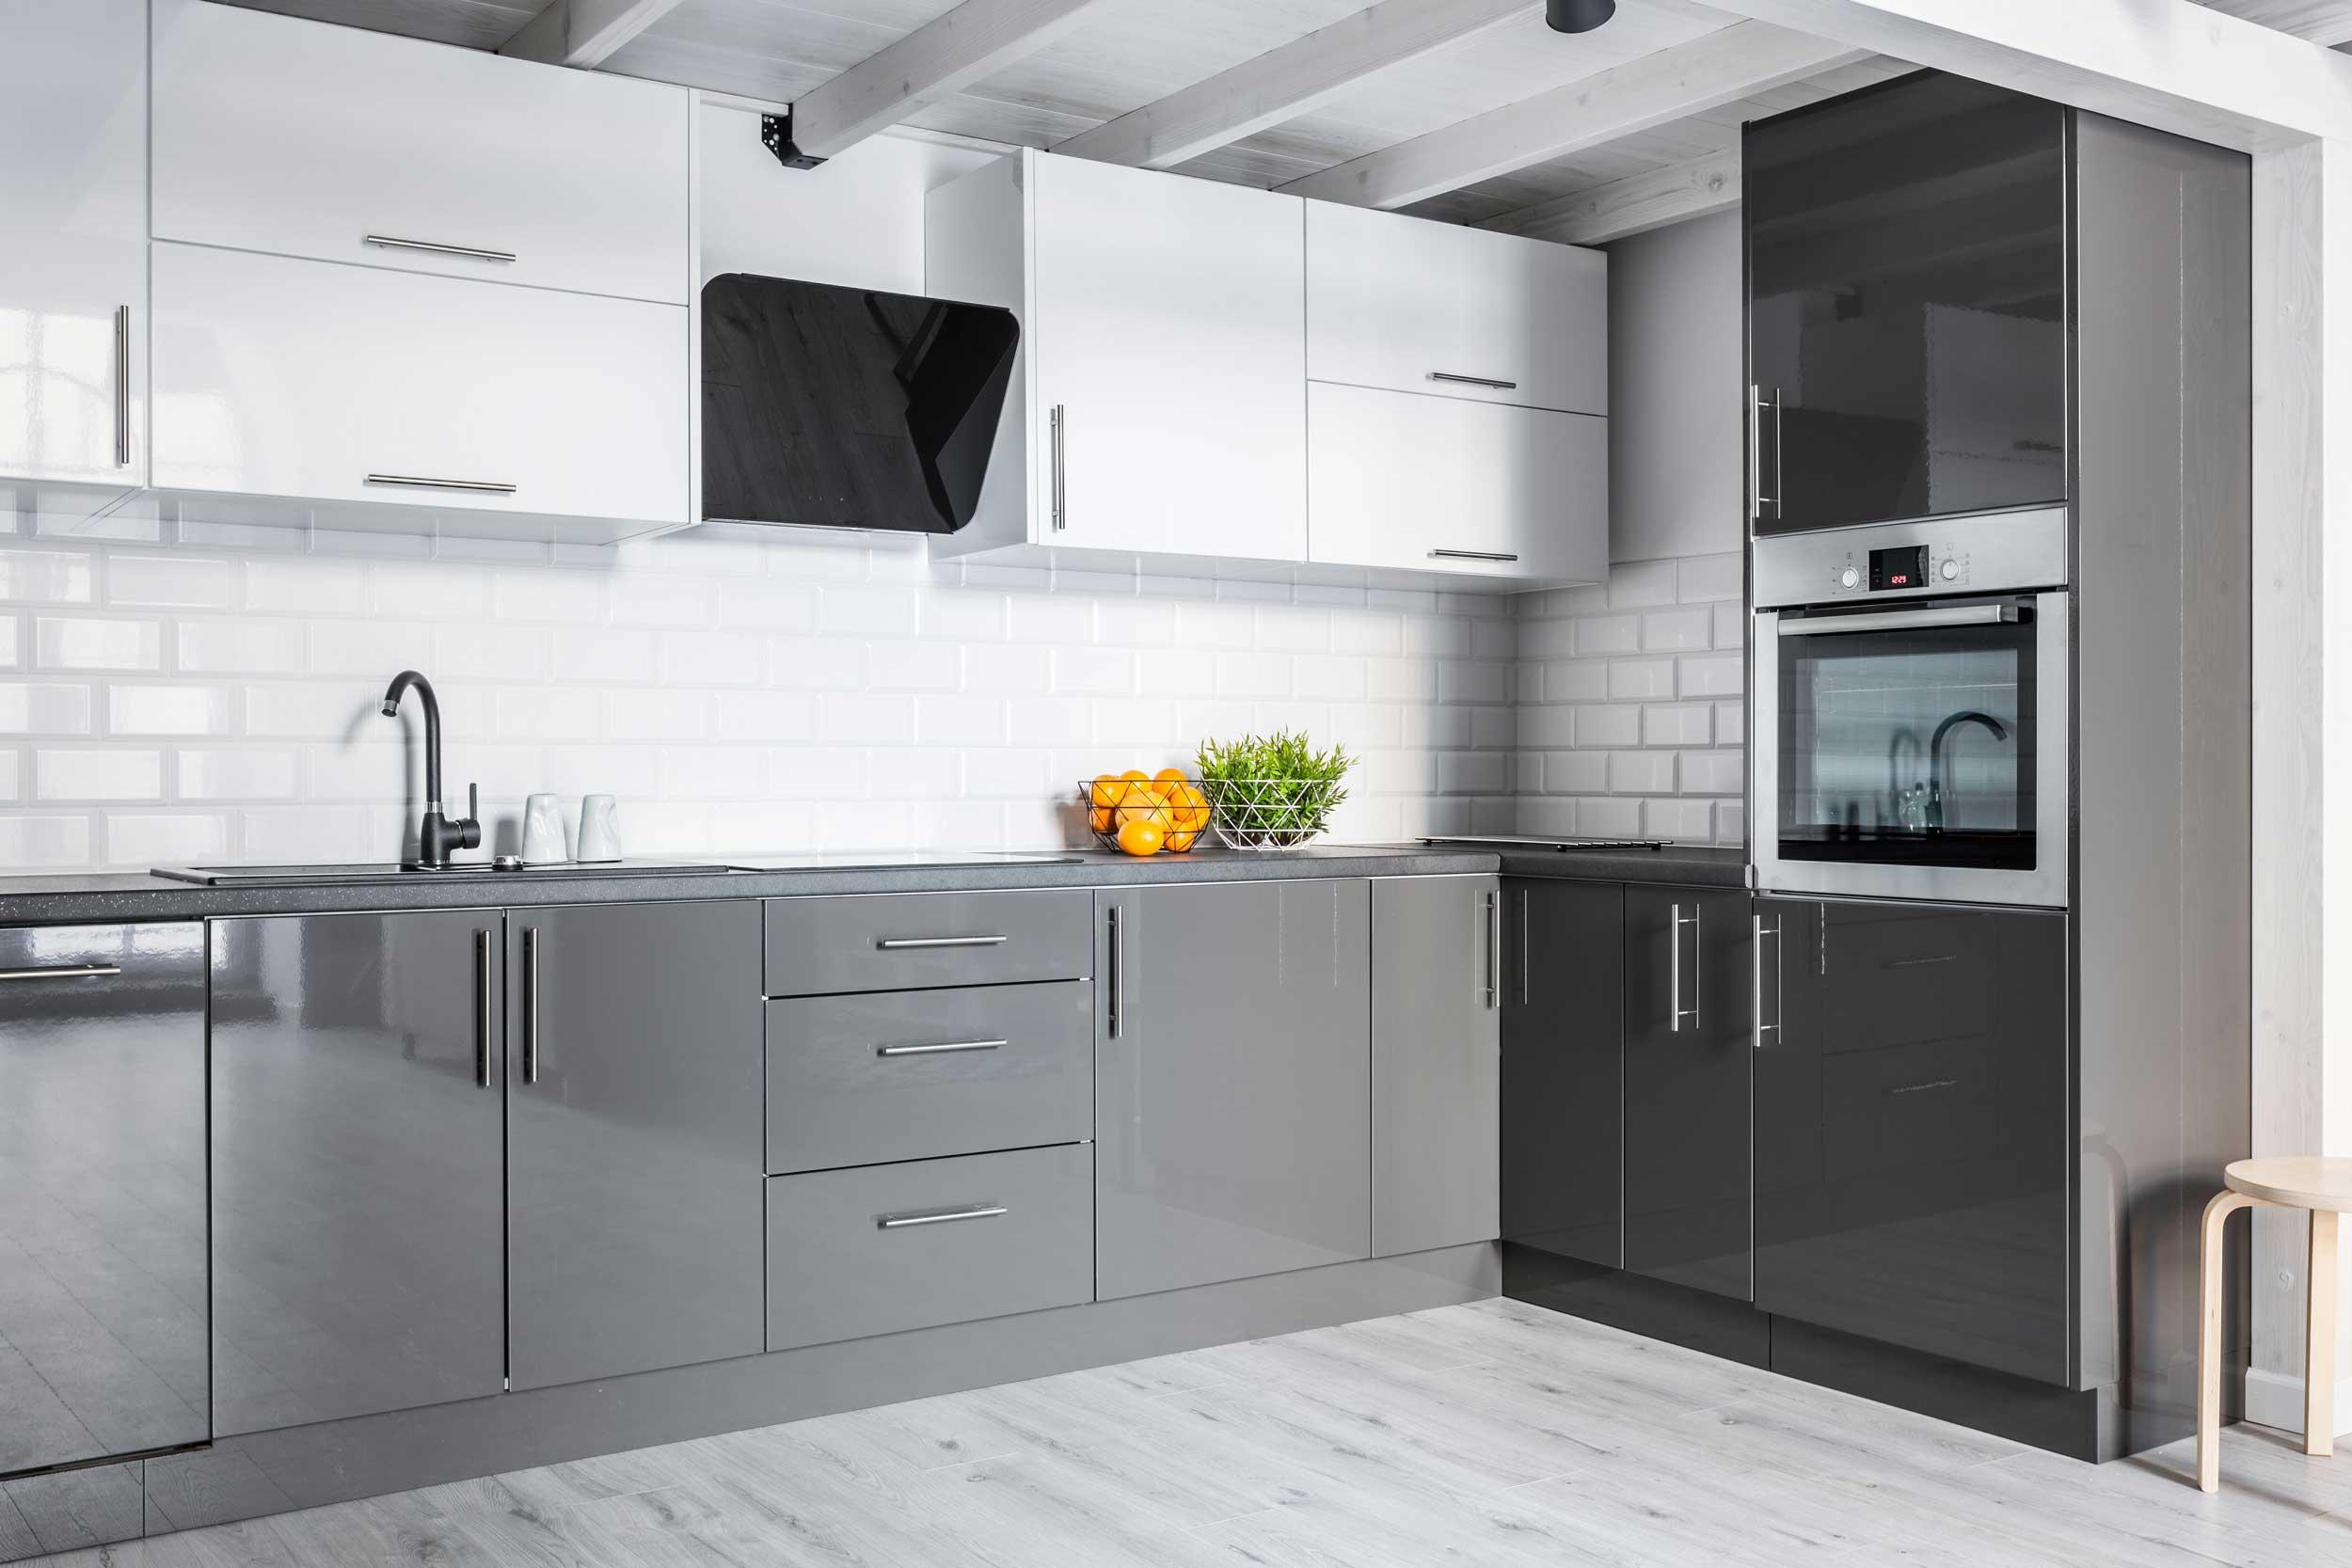 küchenfronten-erneuern-acryl